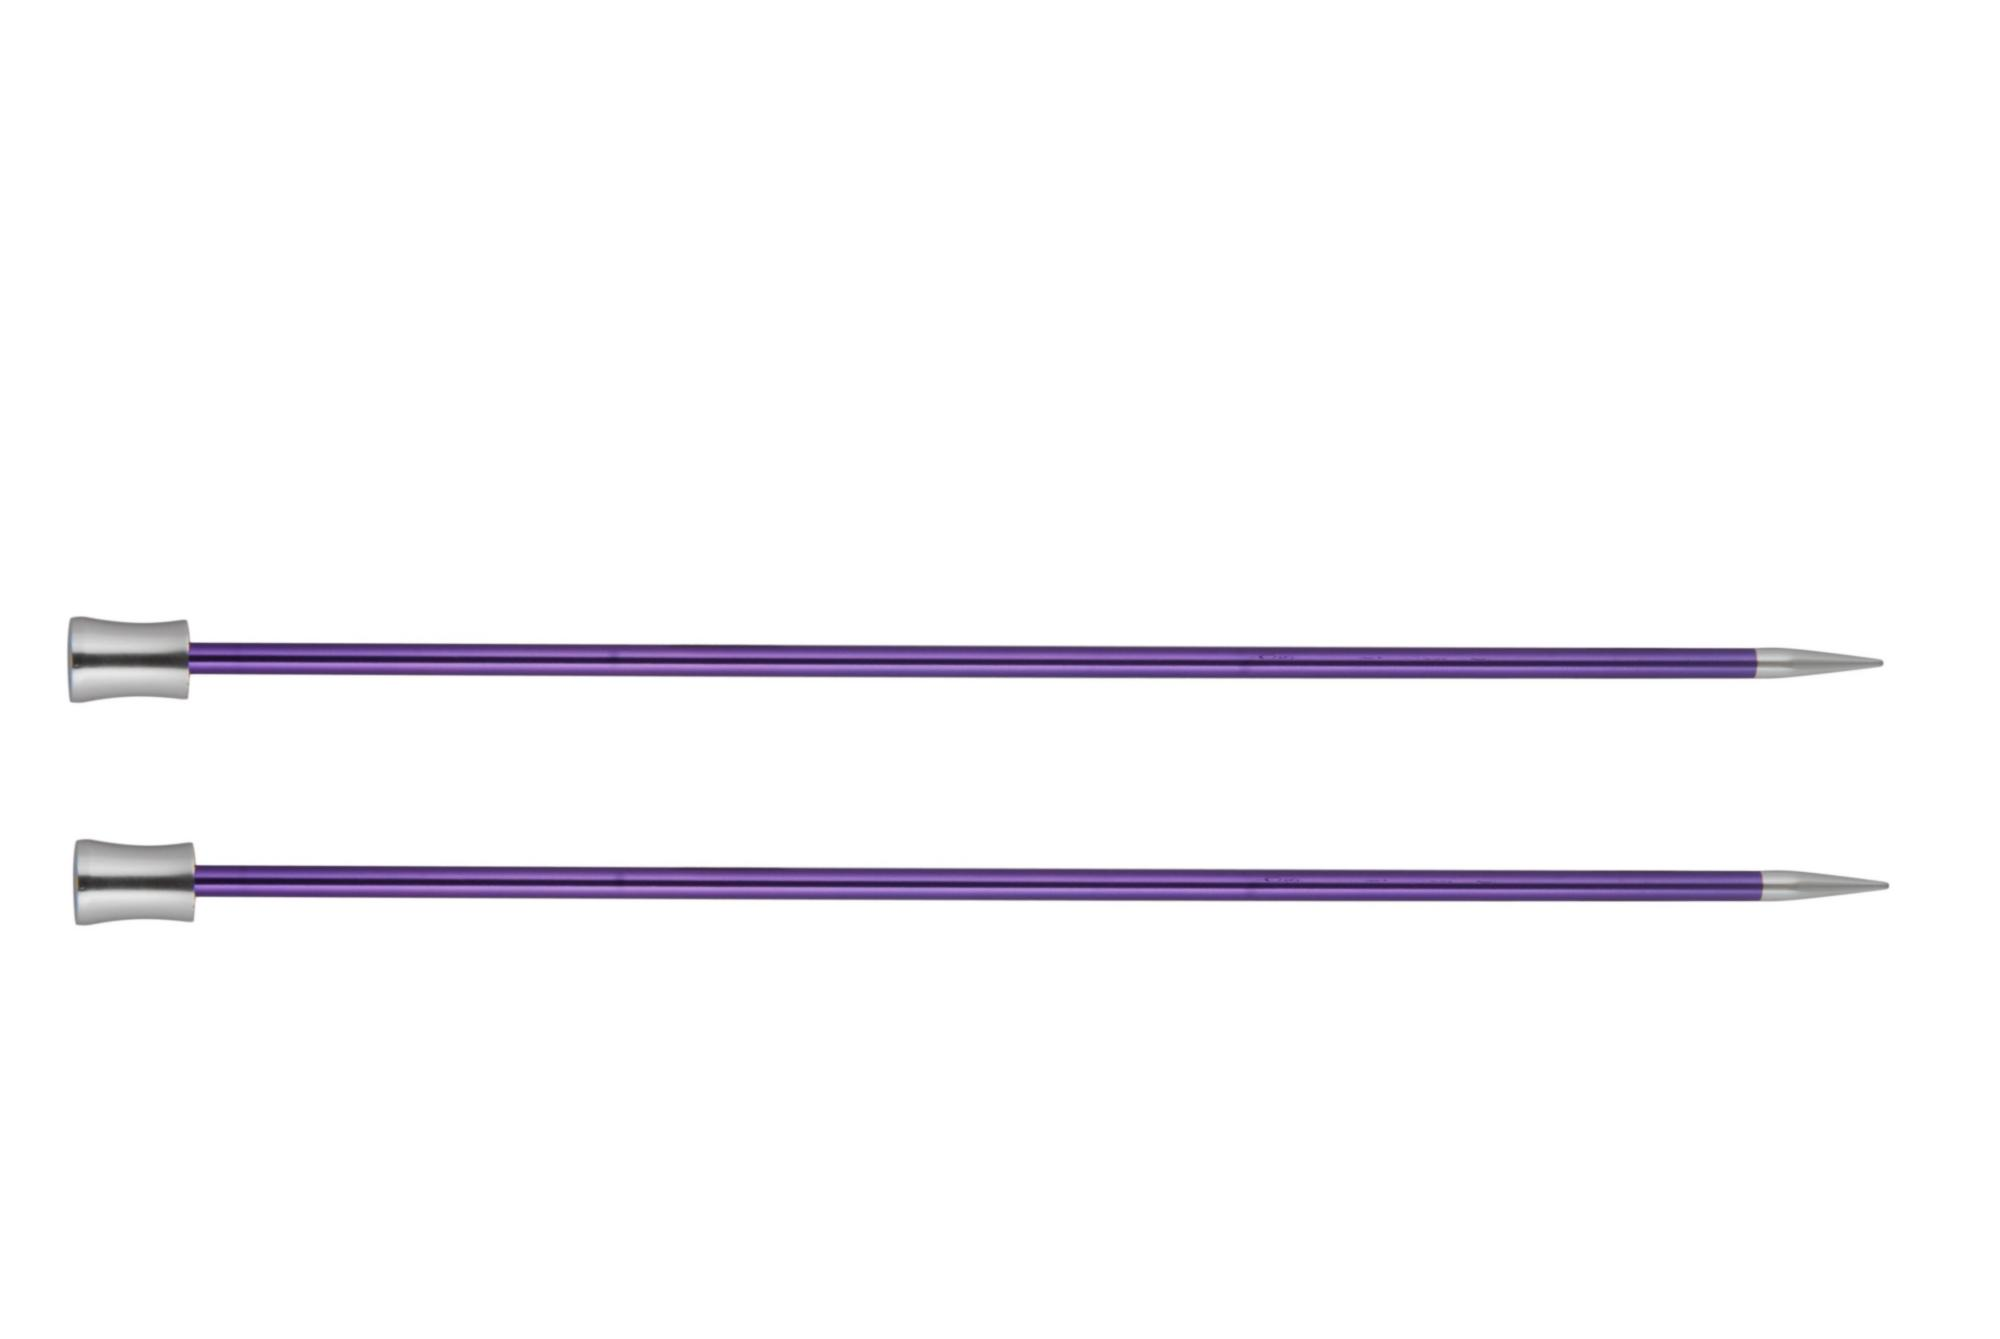 Спицы прямые 40 см Zing KnitPro, 47328, 3.75 мм